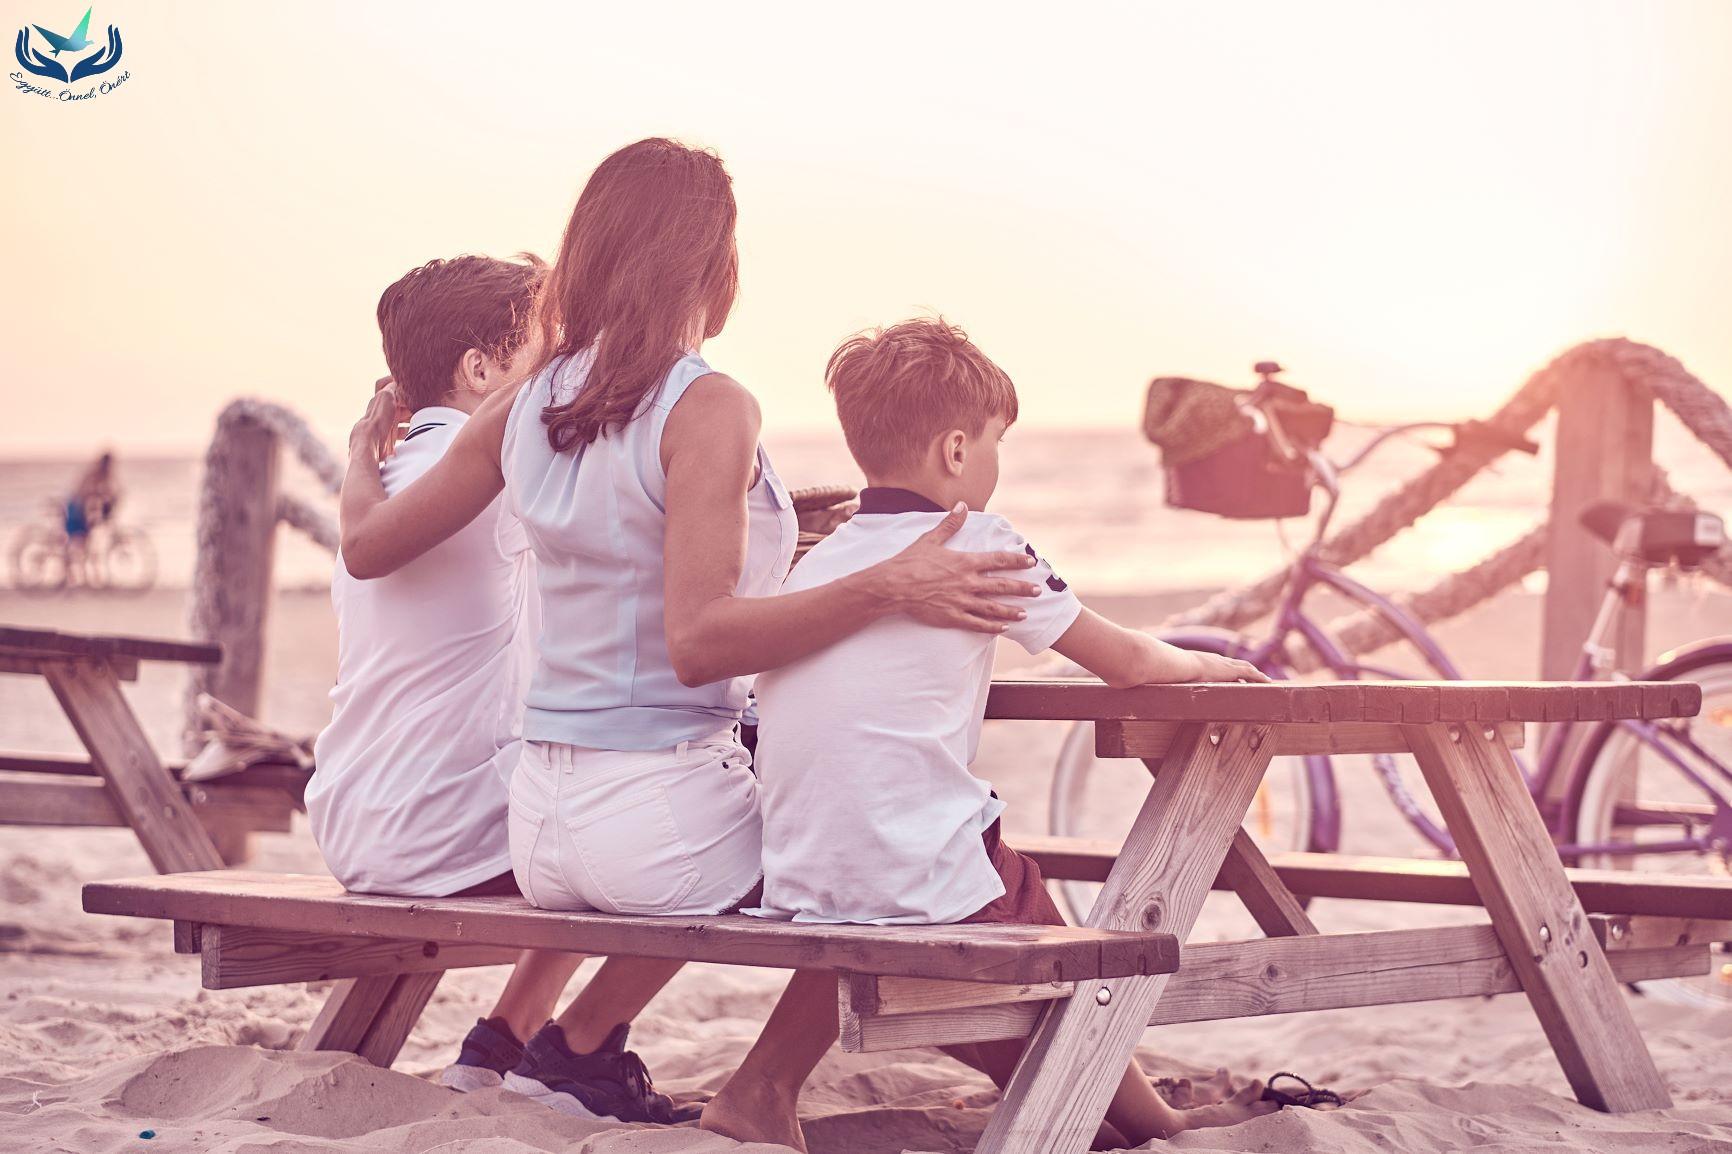 Rituálék szerepe az emlékezésben – 7 lehetőség, hogy segítsünk a gyermeknek a veszteséggel való megküzdésben